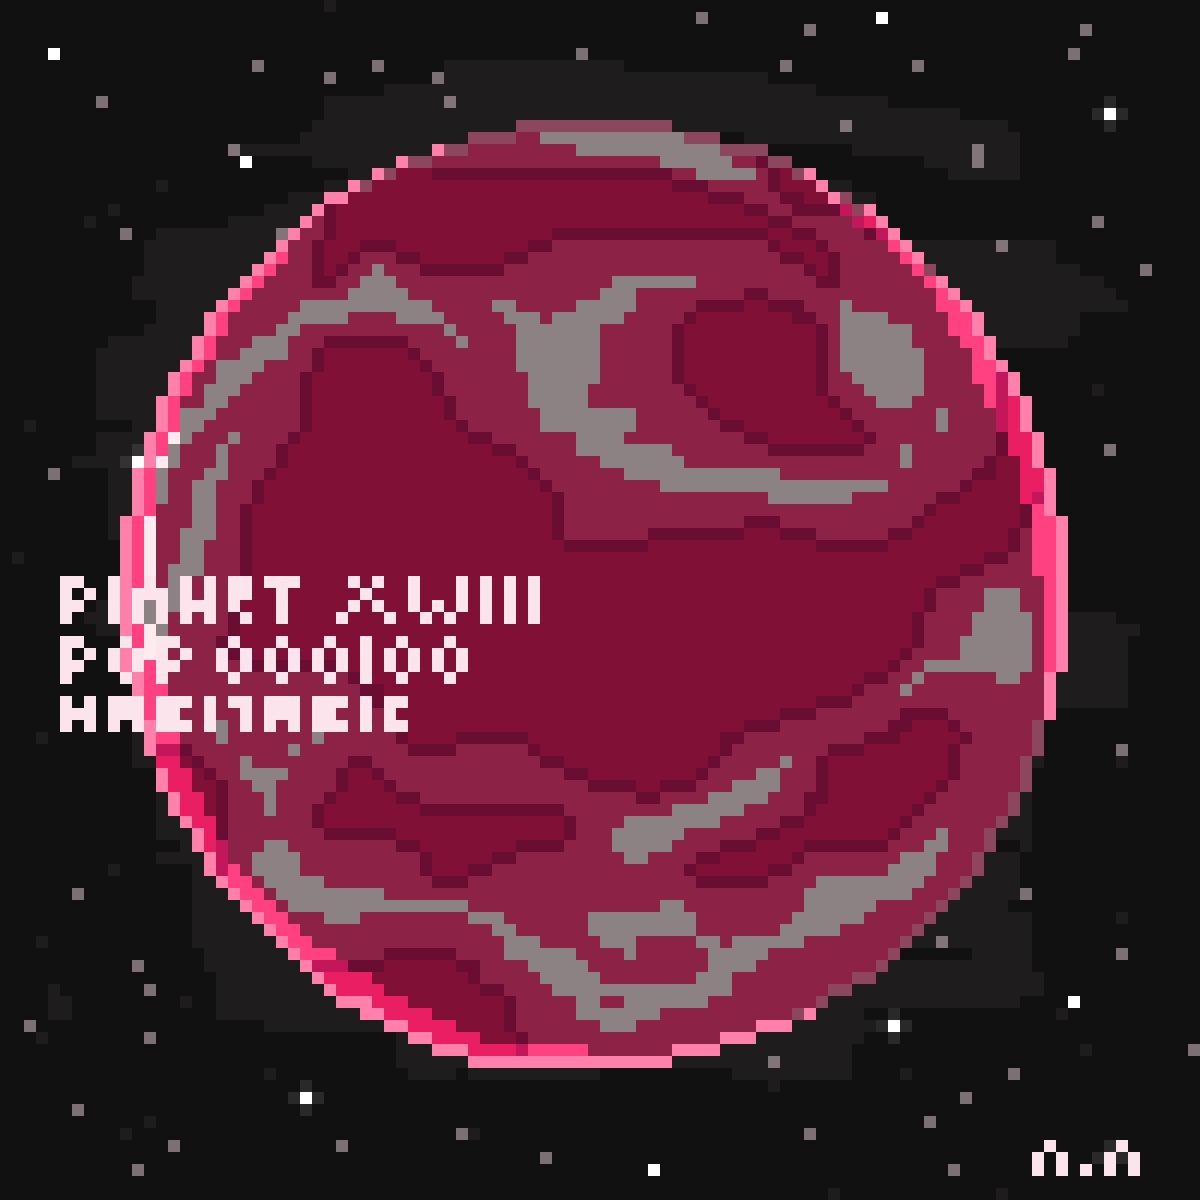 Planet XWIII by PixFem